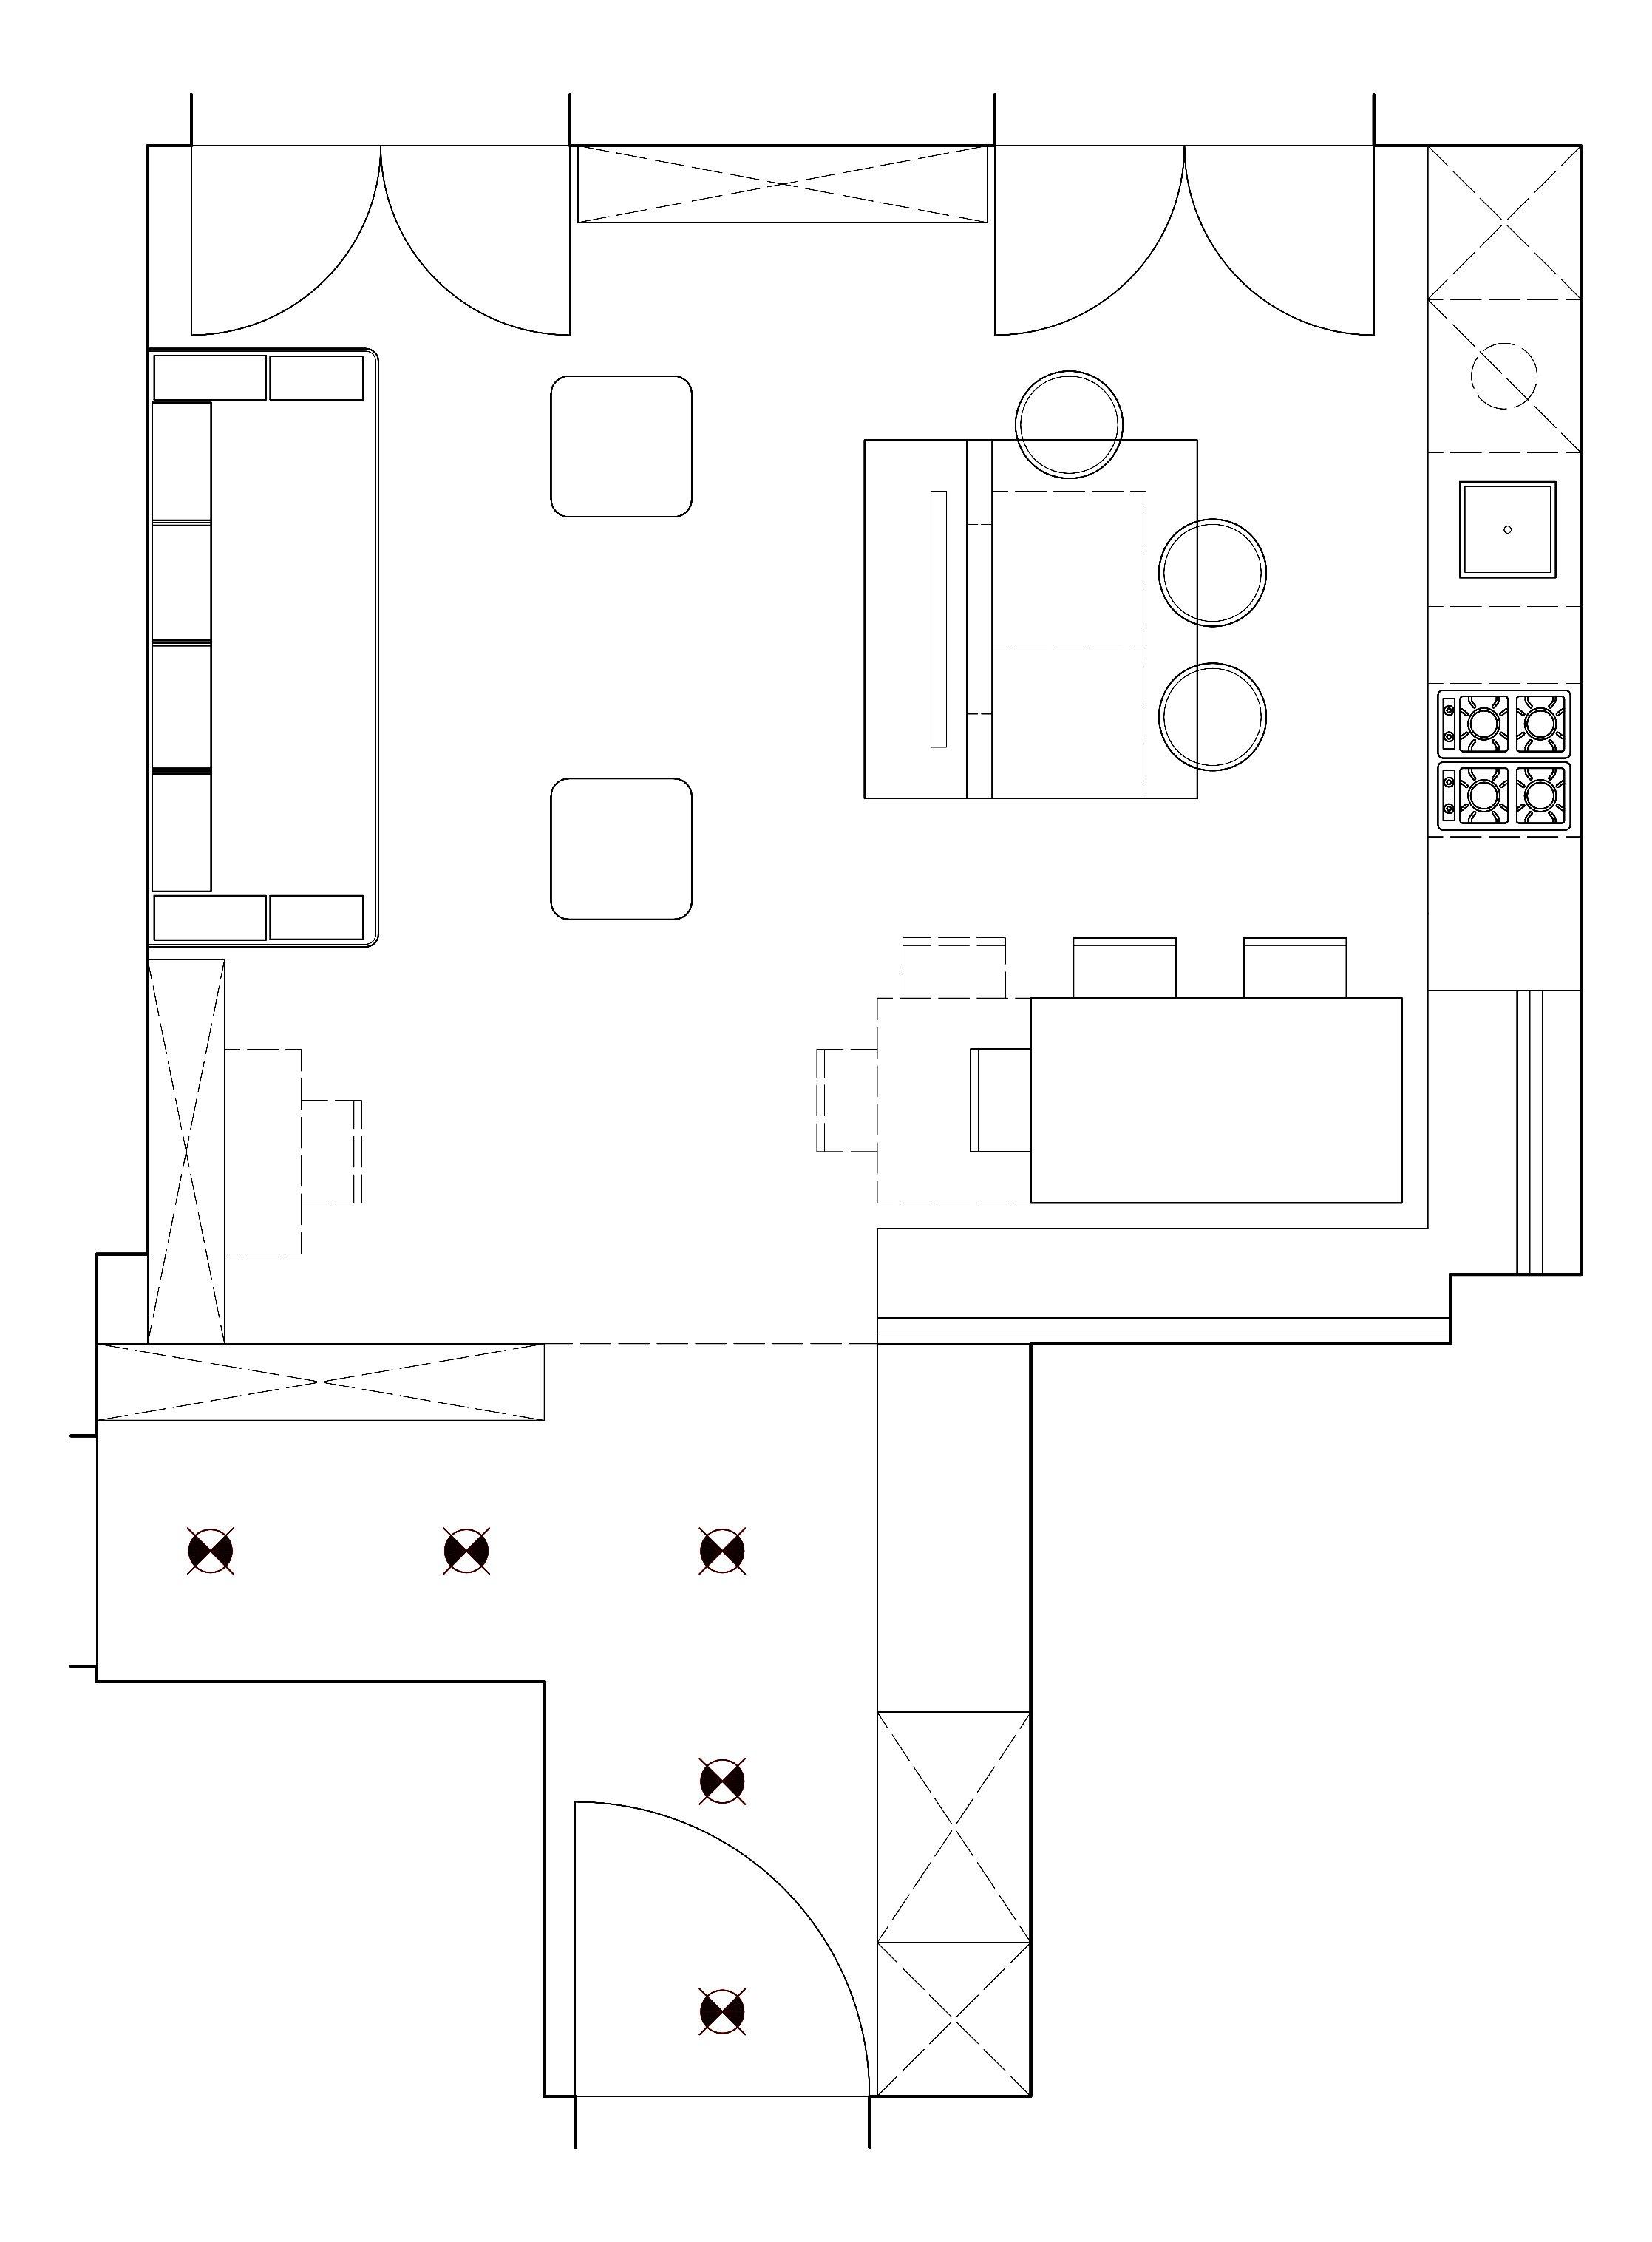 Soggiorno con cucina a vista pianta e prospetto in 3d - Pianta di una cucina ...